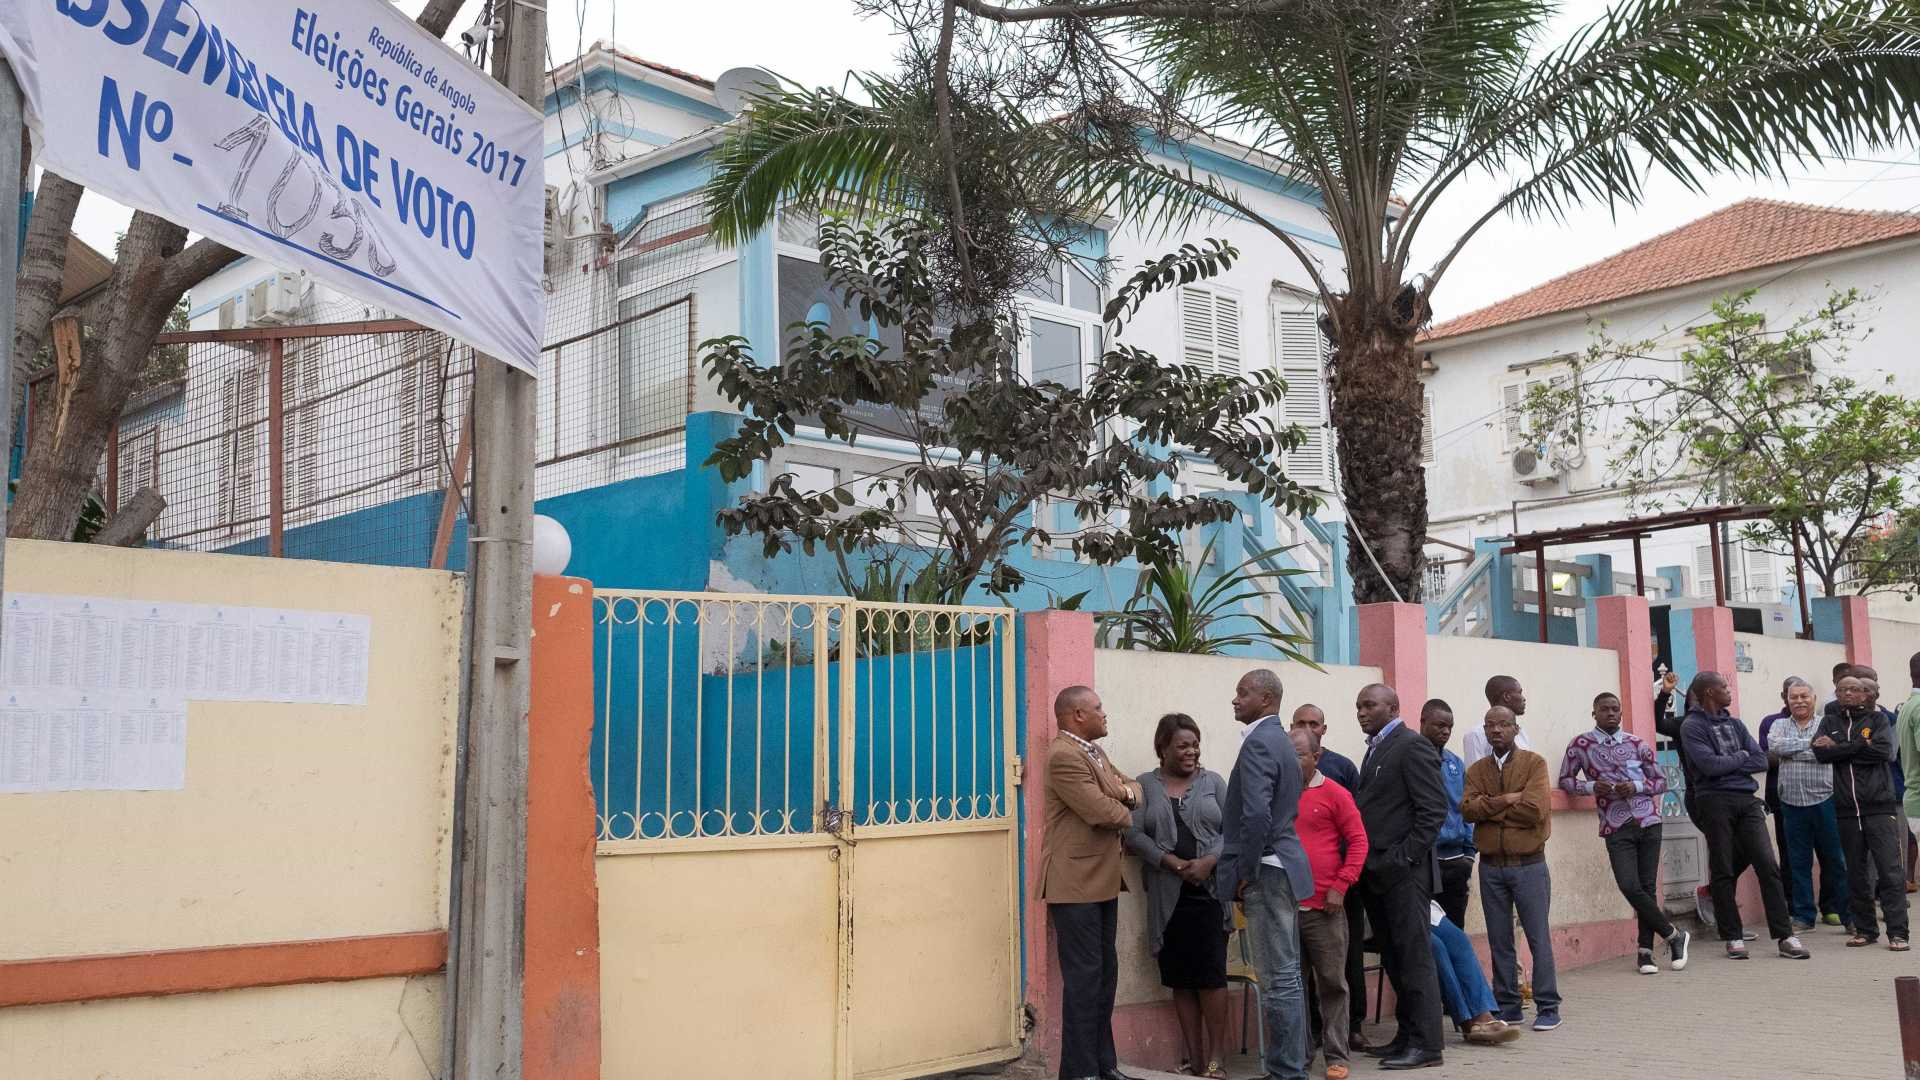 - Eleic  o  es AO - Mais de 1.400 eleitores votaram este sábado nas Províncias de Moxico, Benguela e Lunda Norte